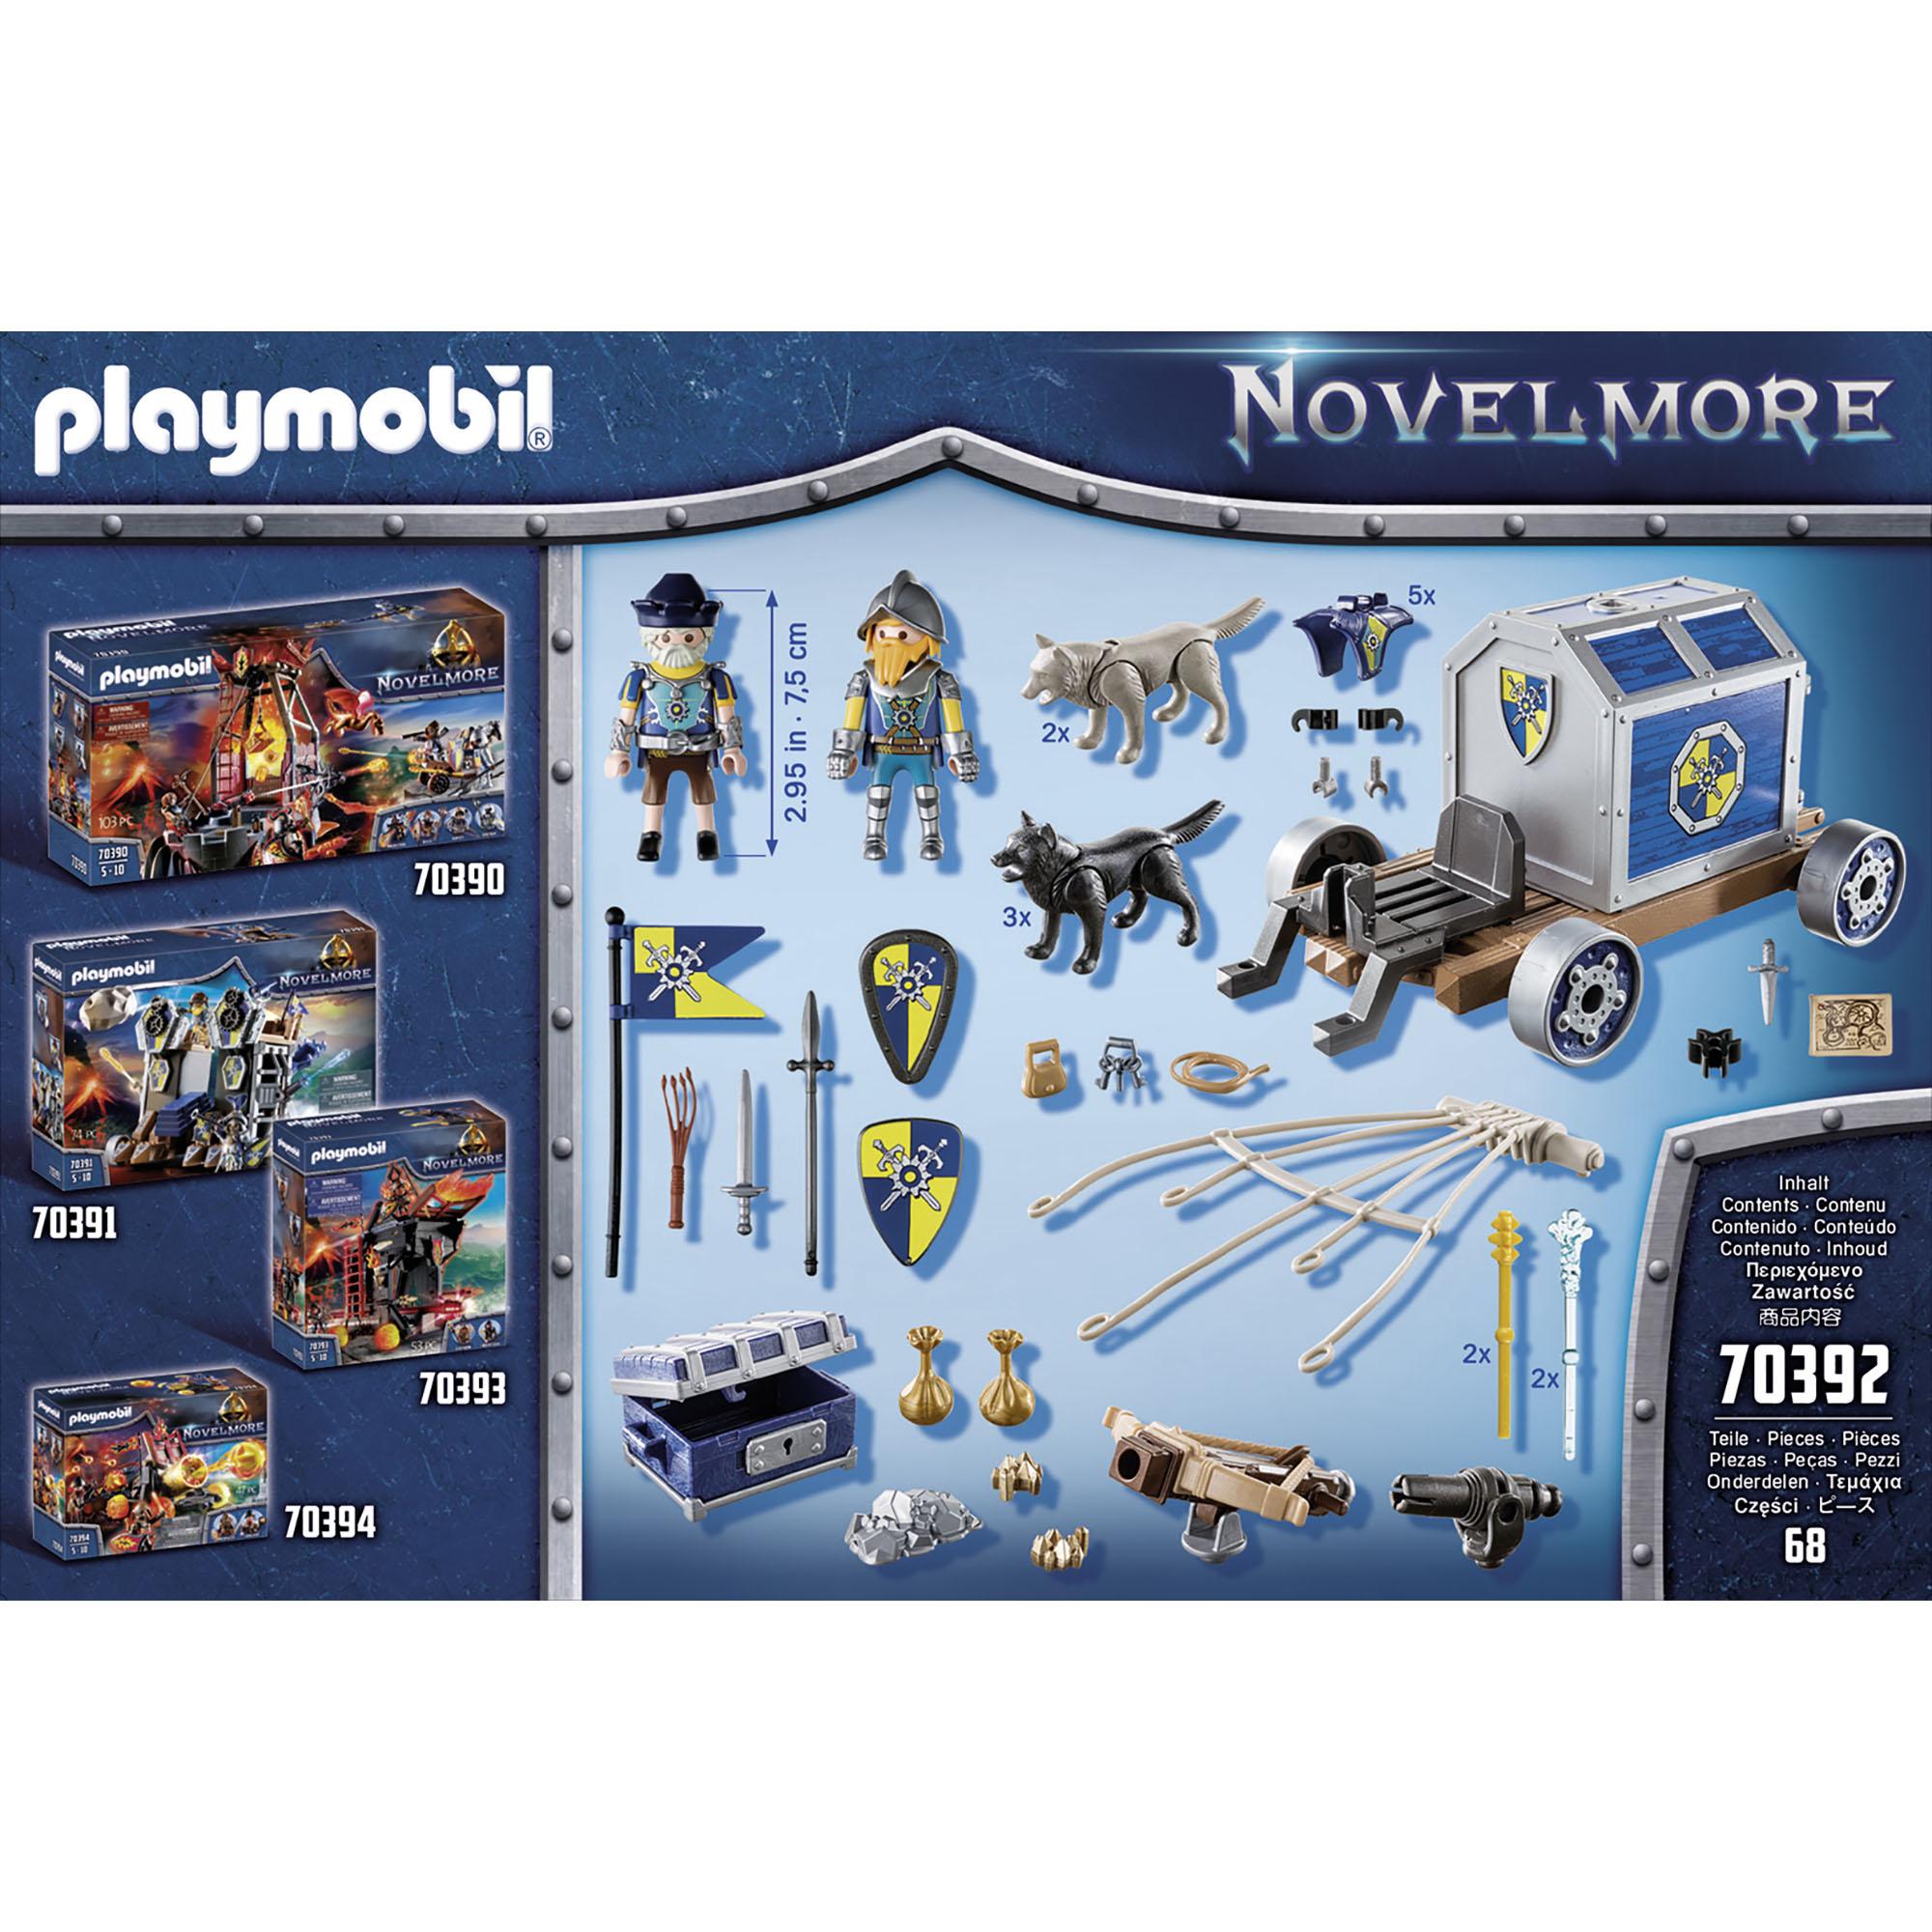 Transportor de comori playmobil novelmore - 1